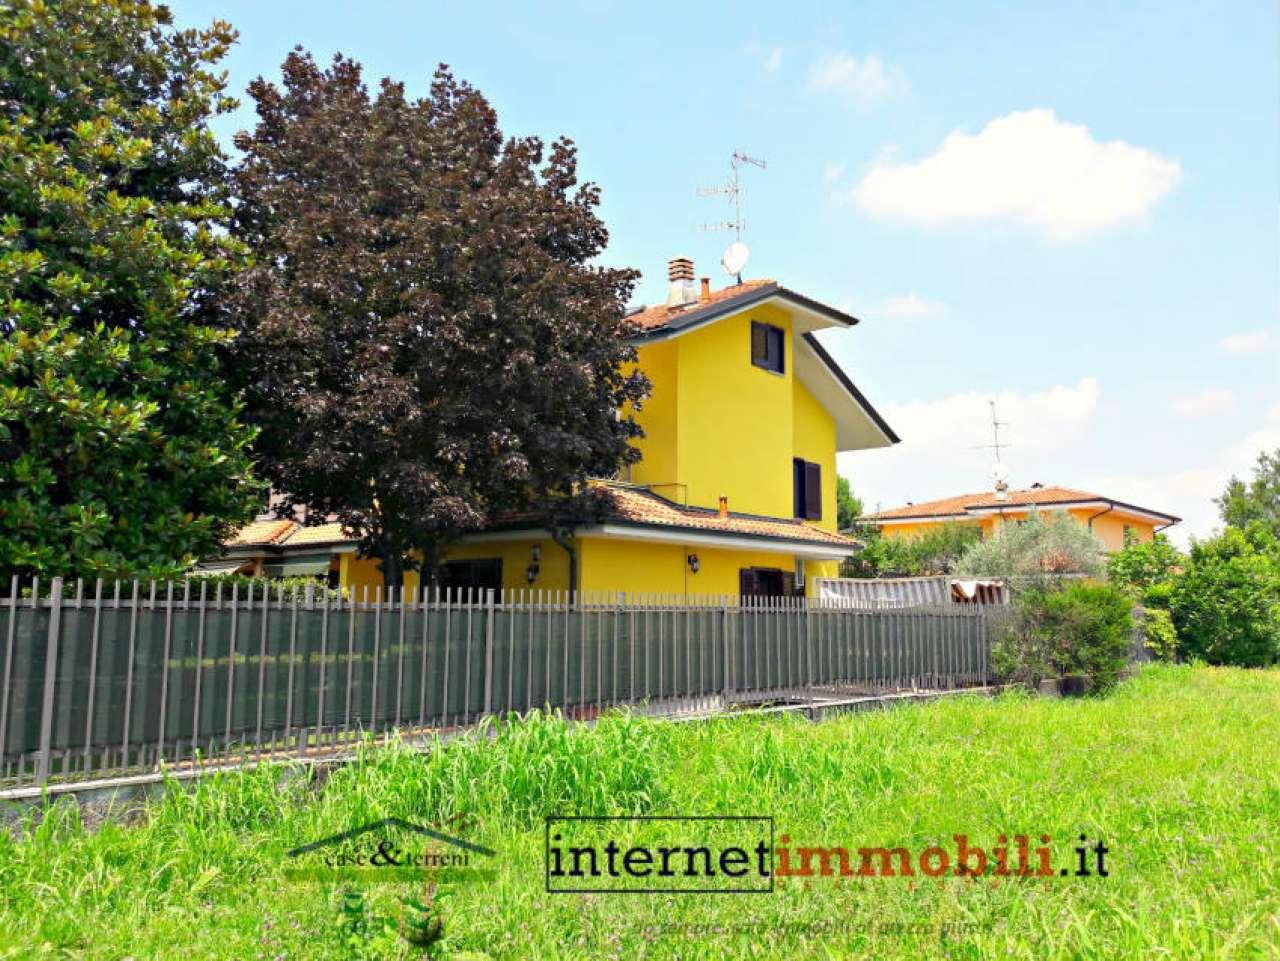 Villa in vendita a Cernusco sul Naviglio, 5 locali, prezzo € 650.000 | Cambio Casa.it